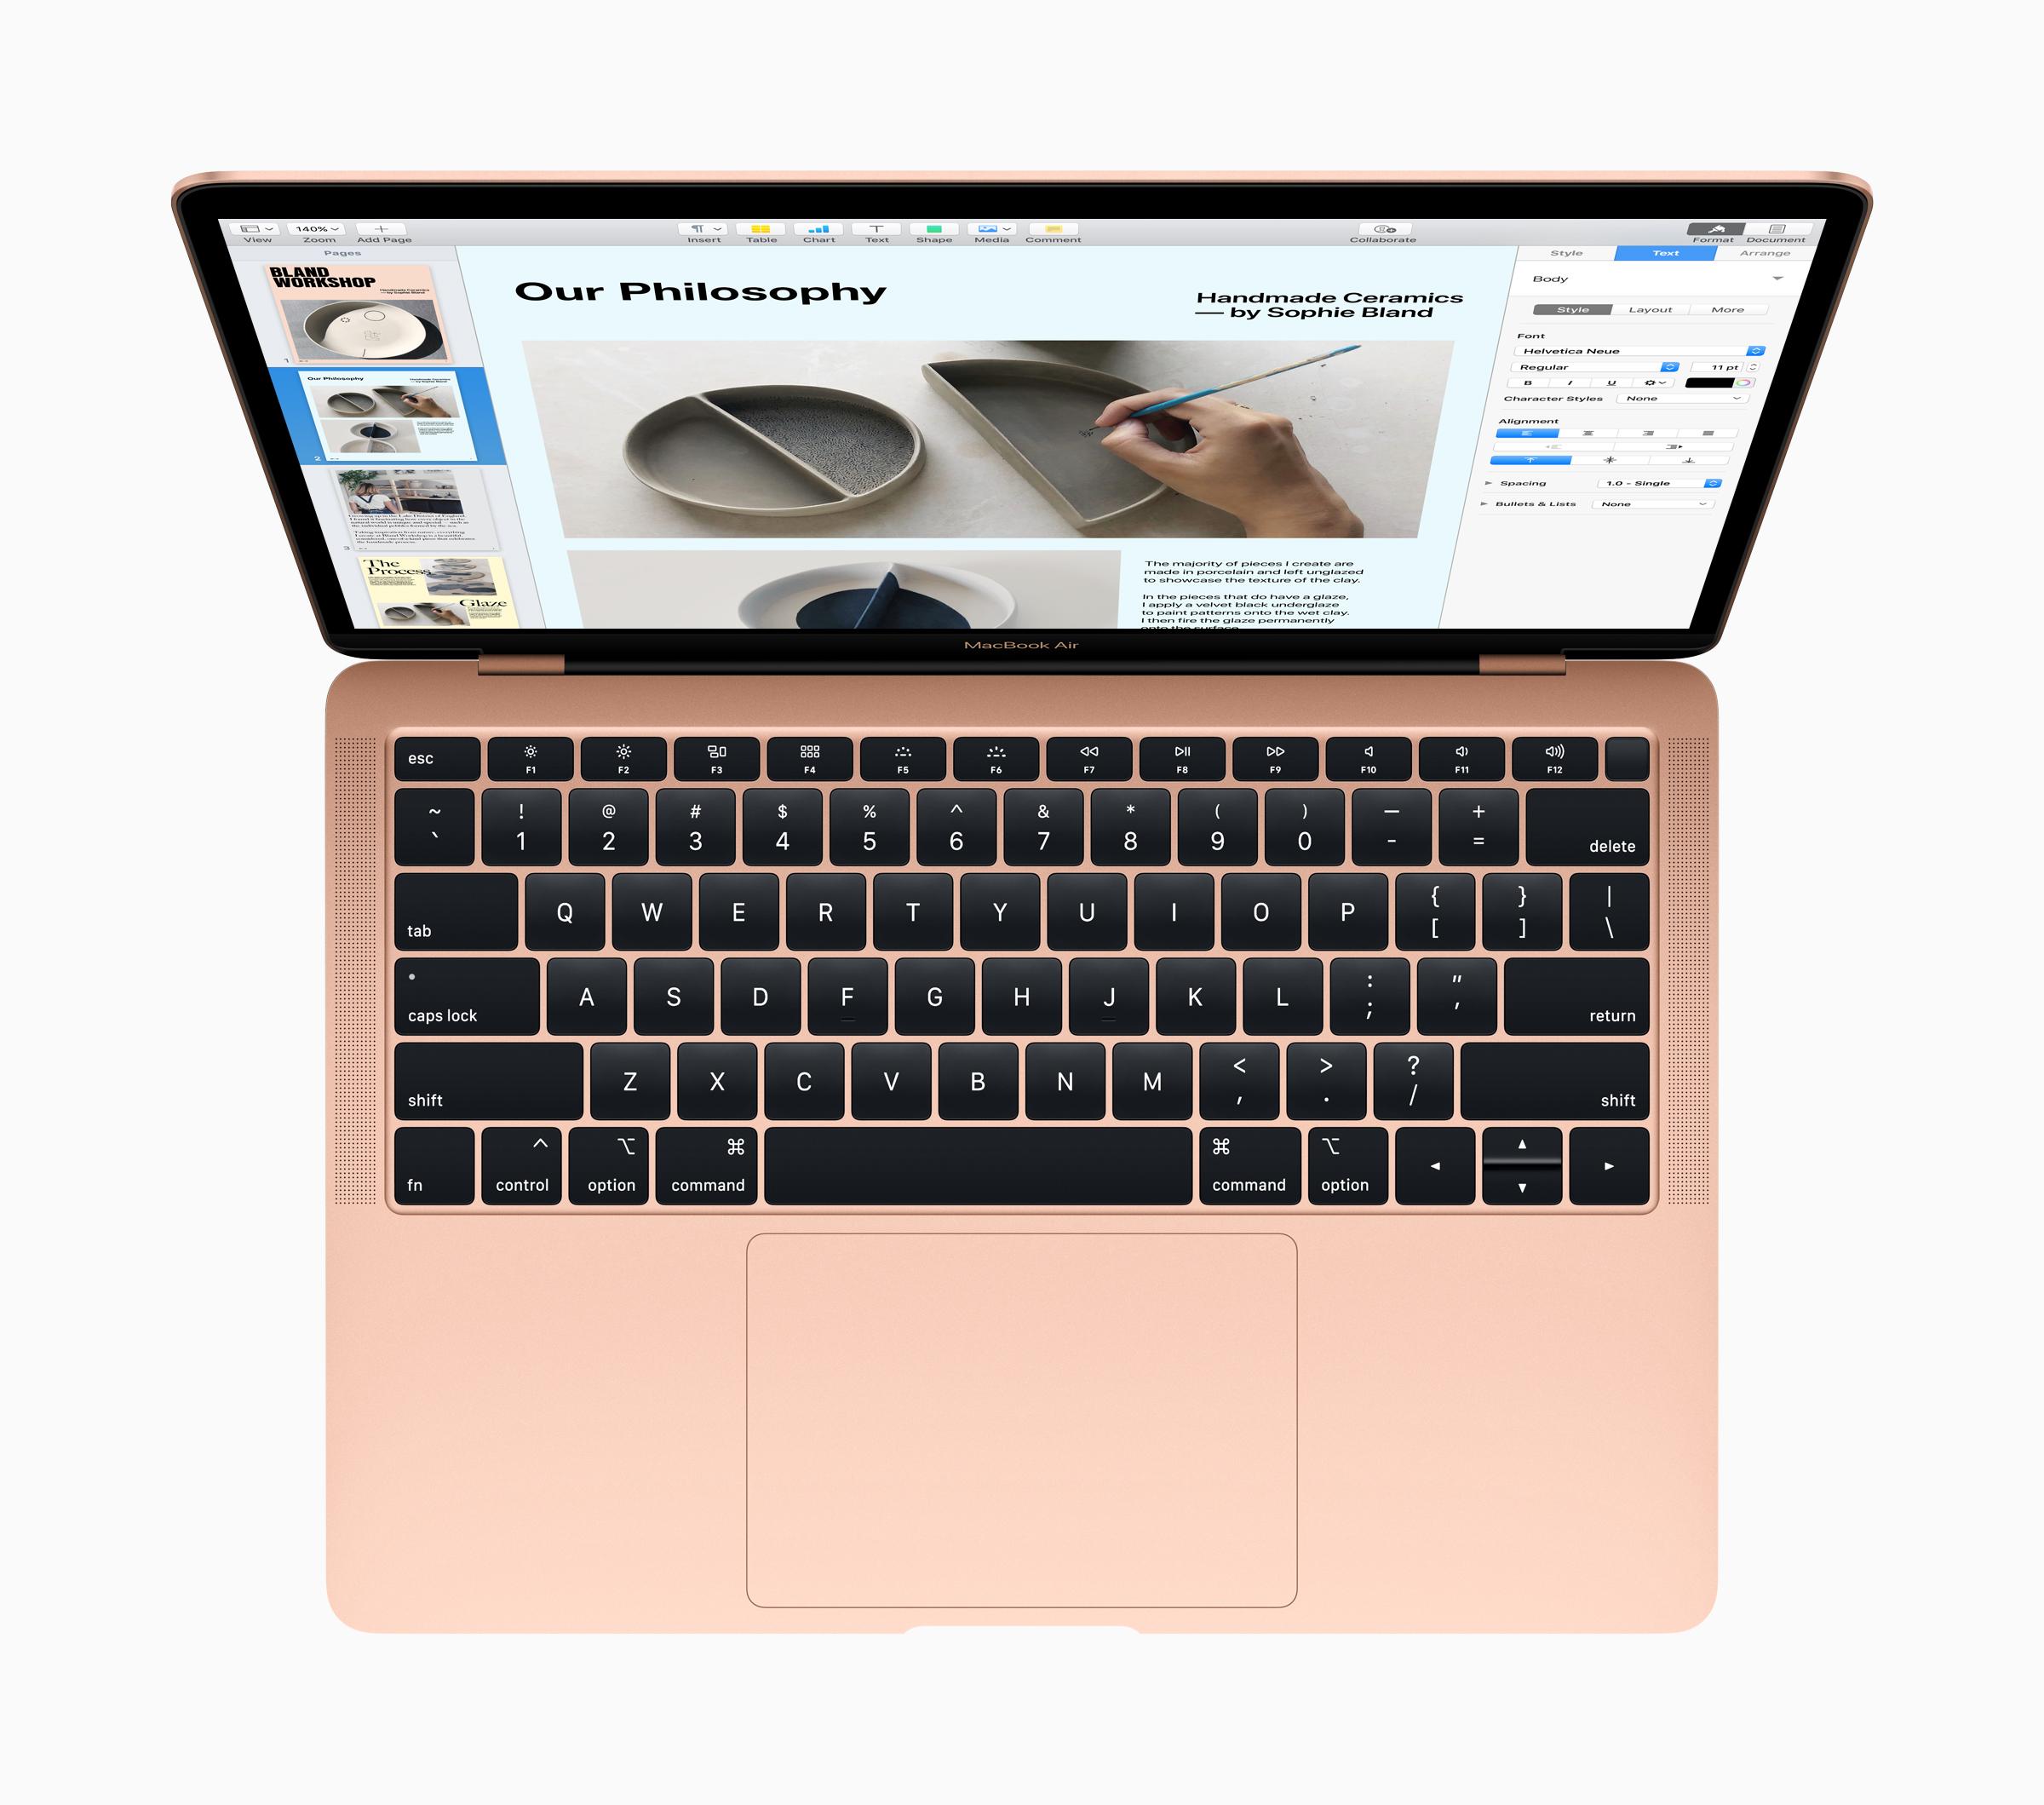 Yeni MacBook Air diğer dizüstü bilgisayarlarda olmayan bir işlemciye sahip